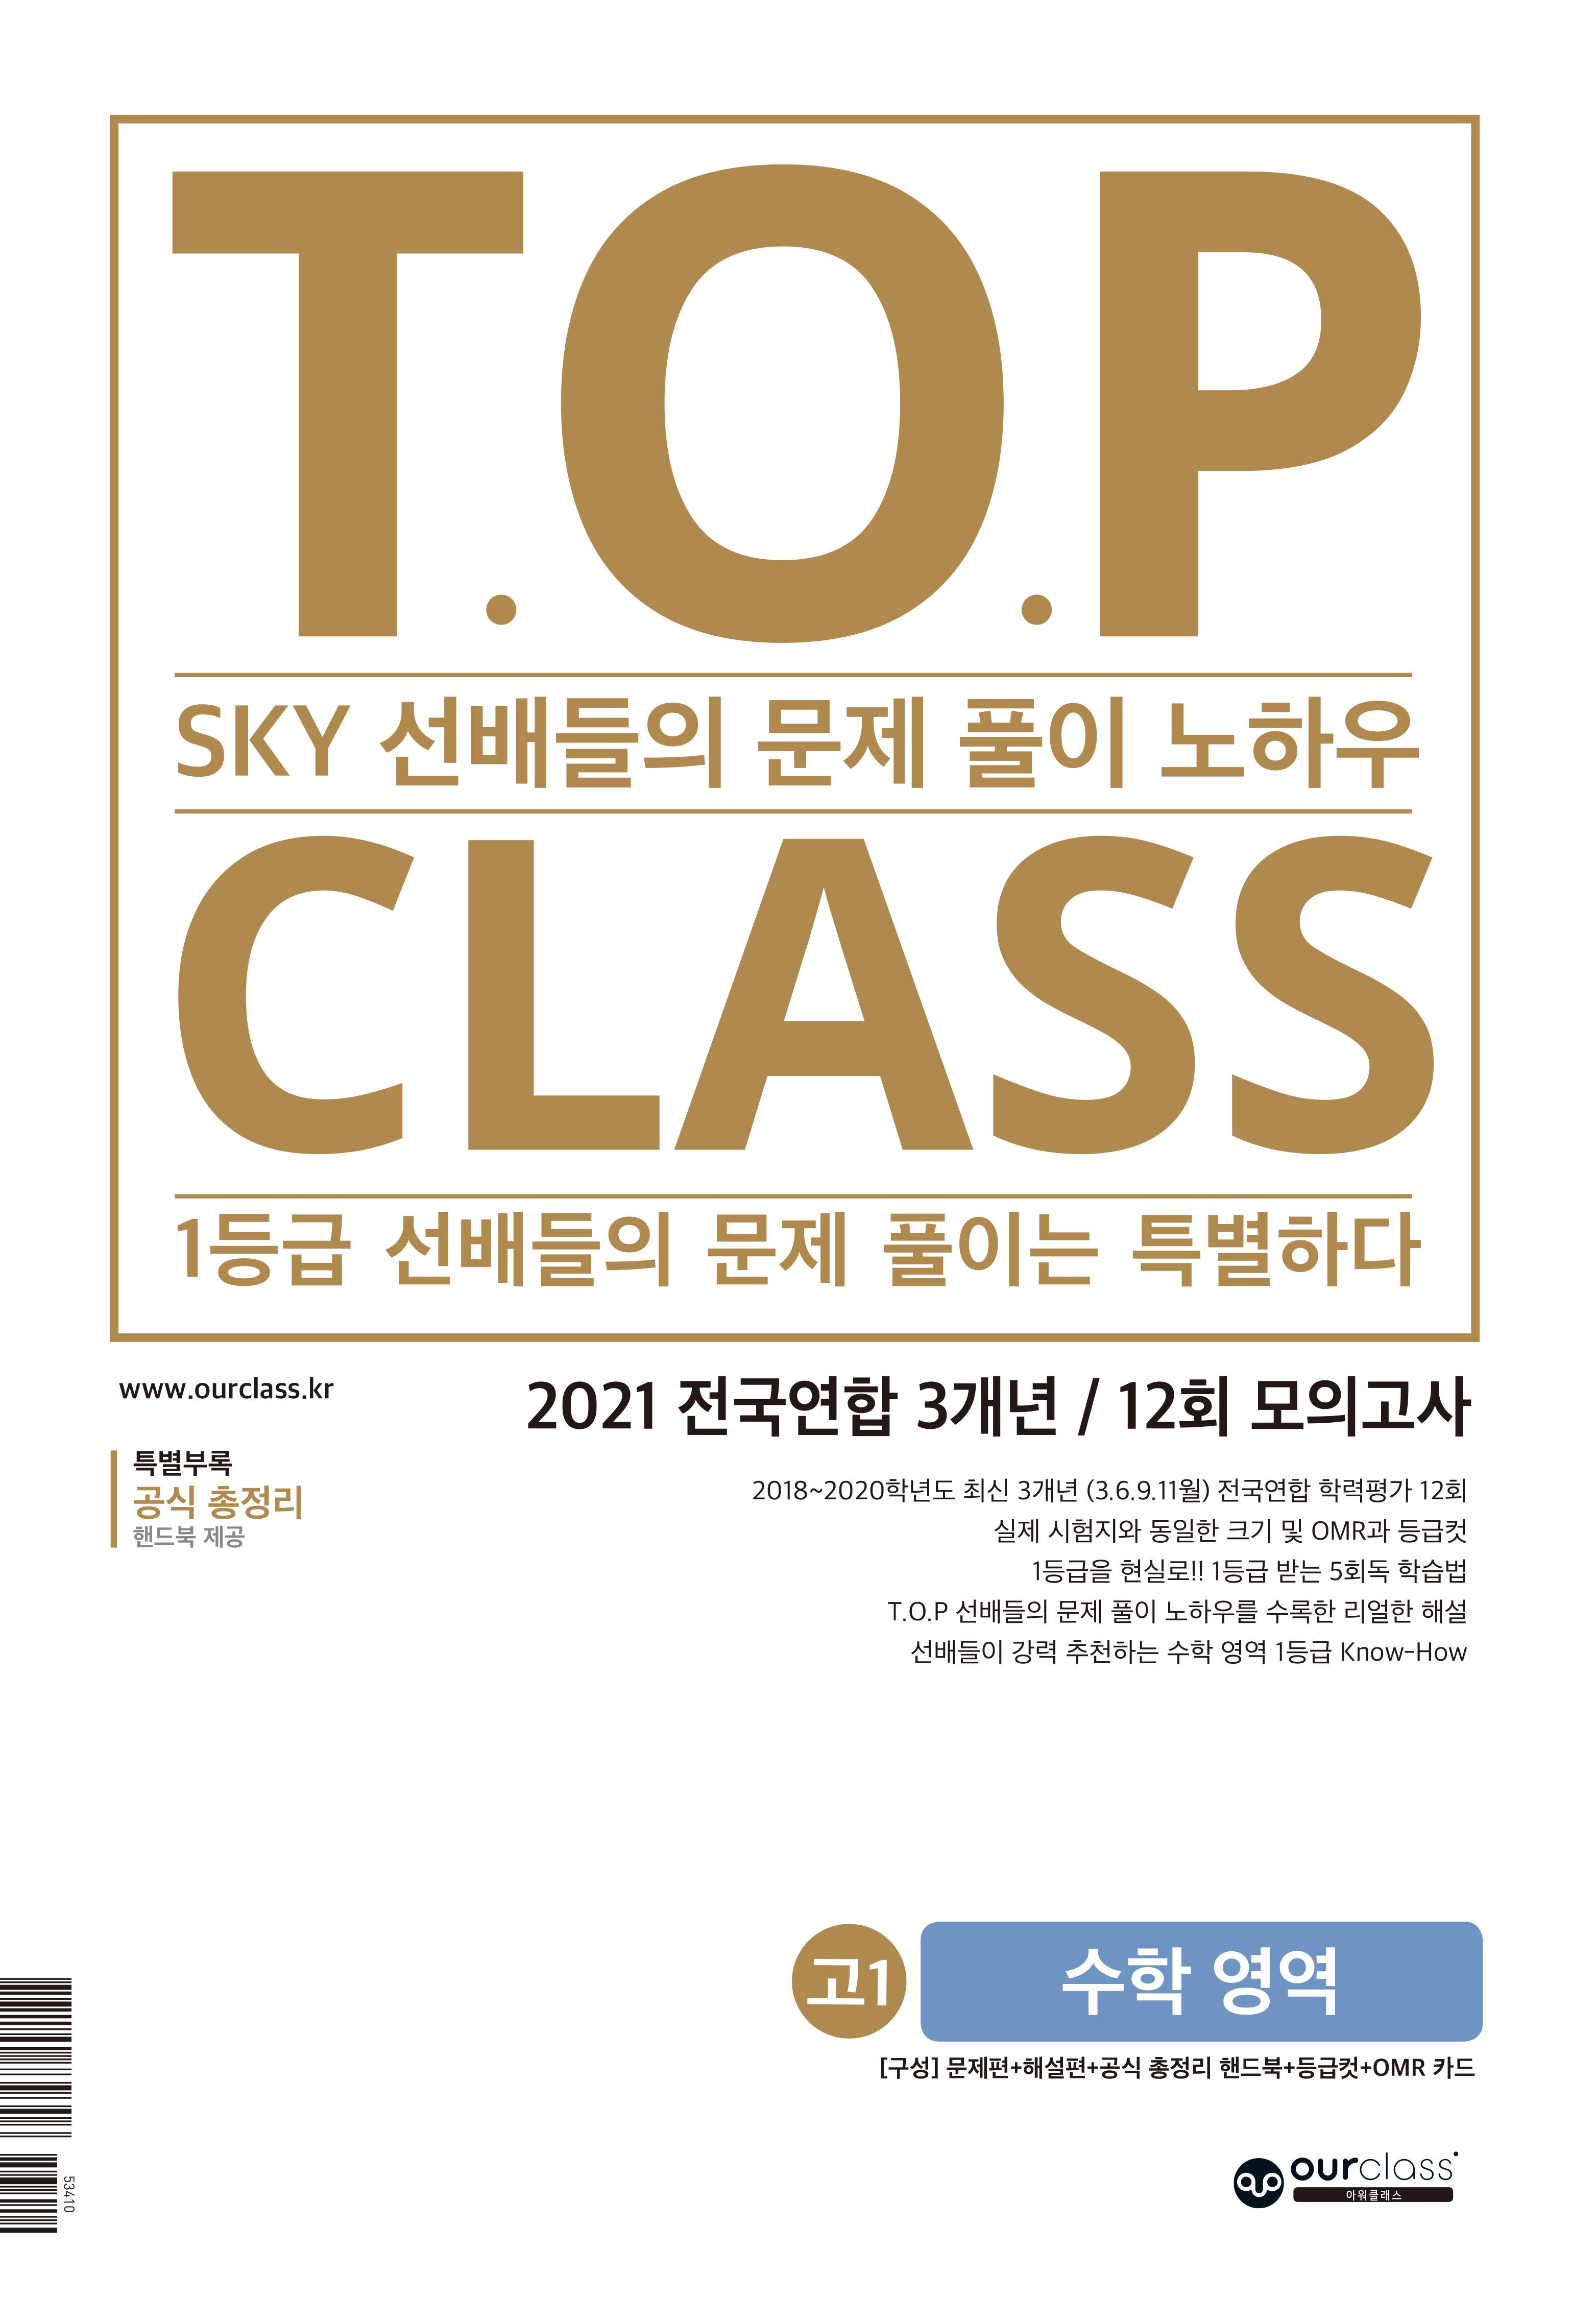 [고1 수학 영역]T.O.P CLASS : SKY 선배들의 문제 풀이 노하우